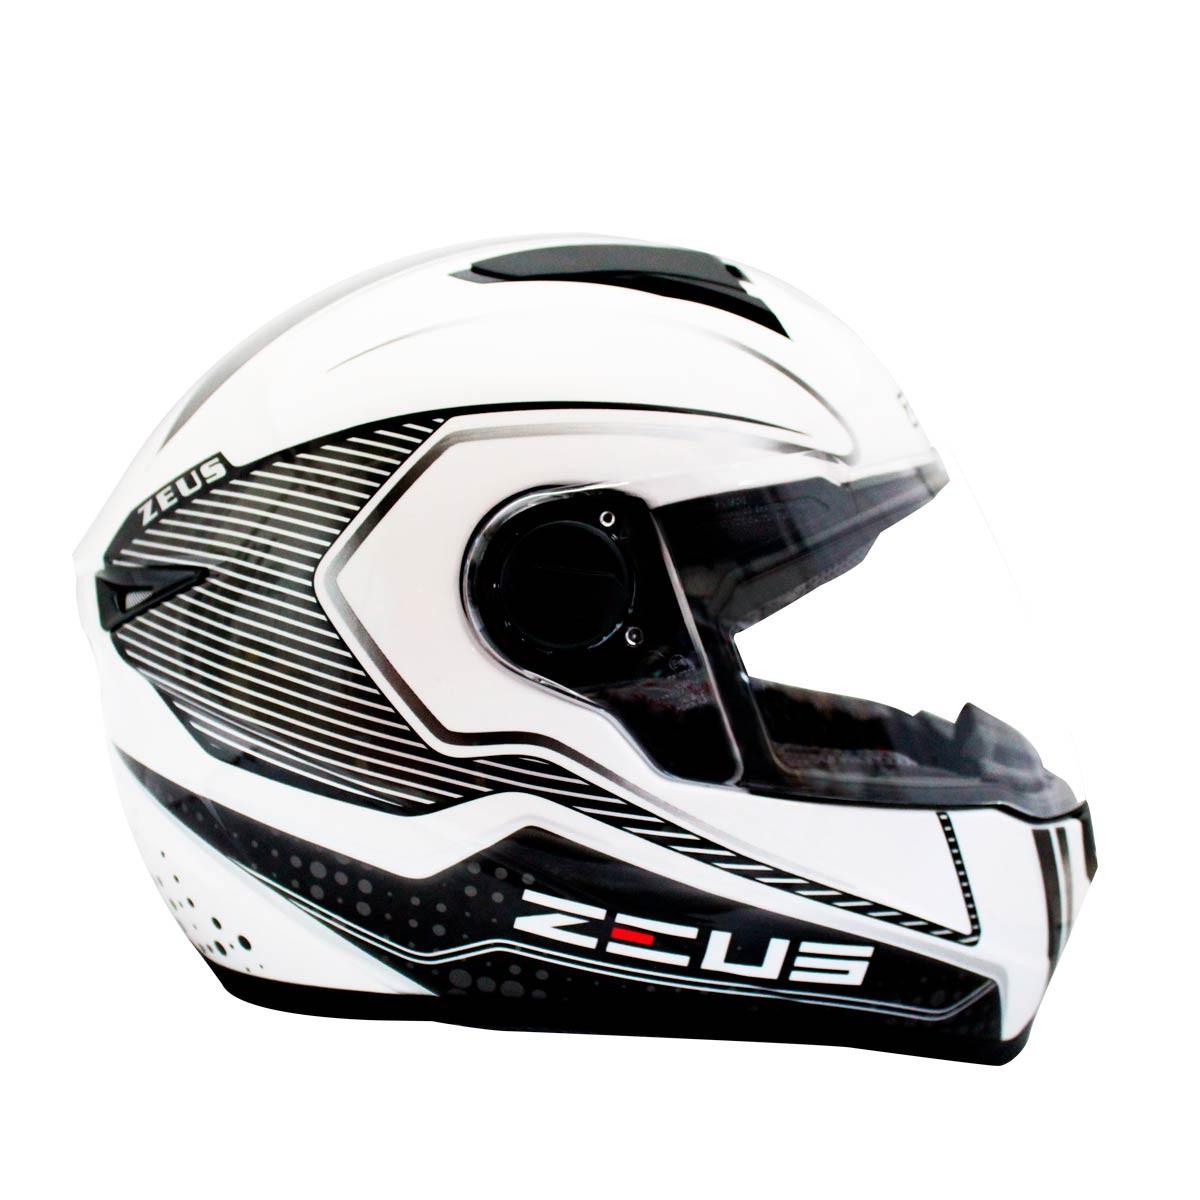 b751cea1a4626 El casco Zeus 811 integral es perfecto para los que buscan tener un casco  de excelente calidad y con el mejor precio. Ideal para cualquier funcion  que ...